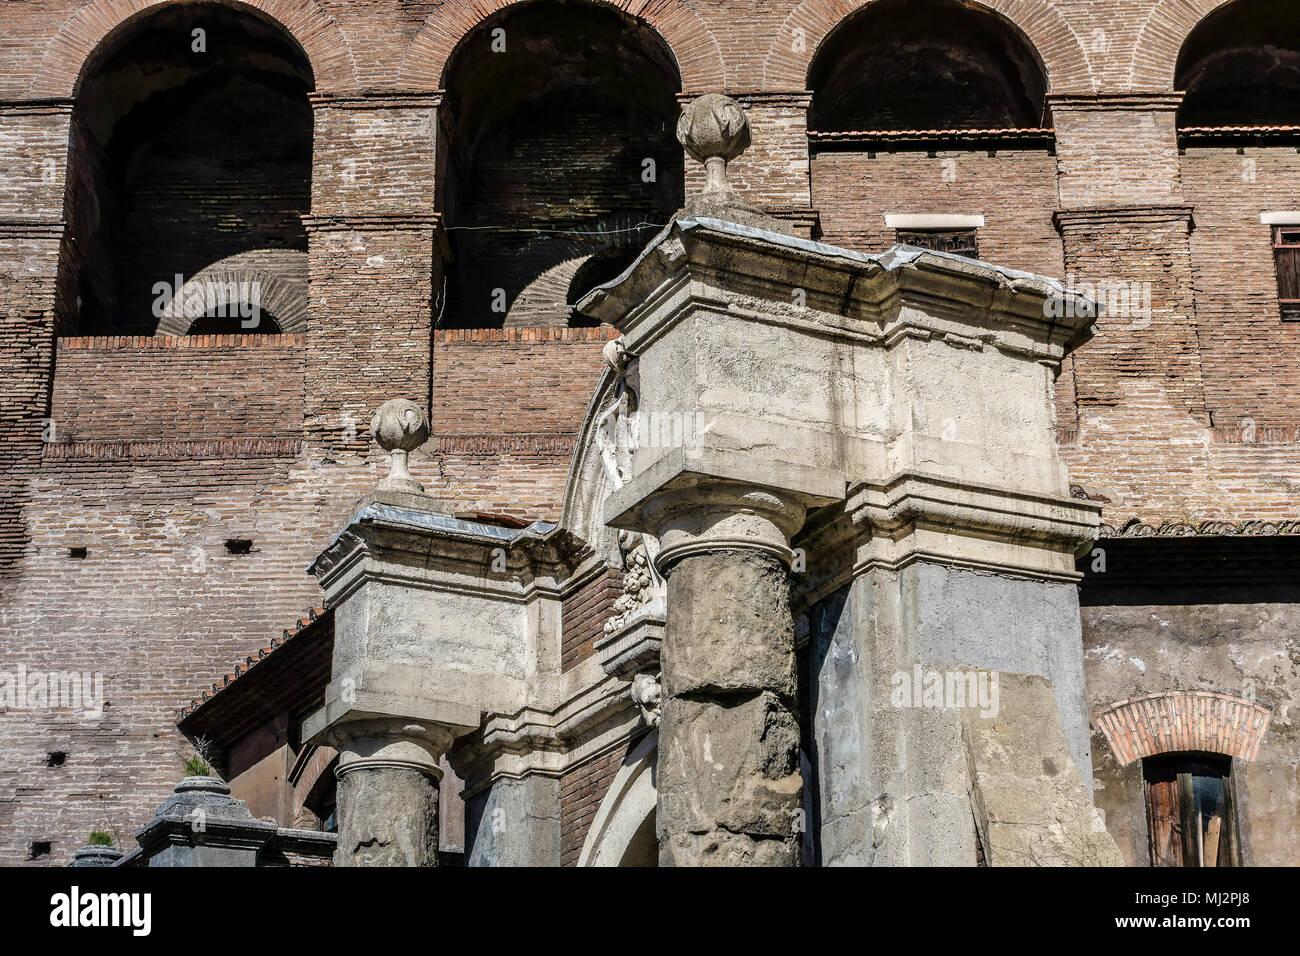 La porte Salaria (Porta Salaria) partie de l'Aurélien (Mura Aureliane), construite par l'empereur Aurélien, dans le 3e siècle. L'Empire romain. Rome, Italie. Photo Stock